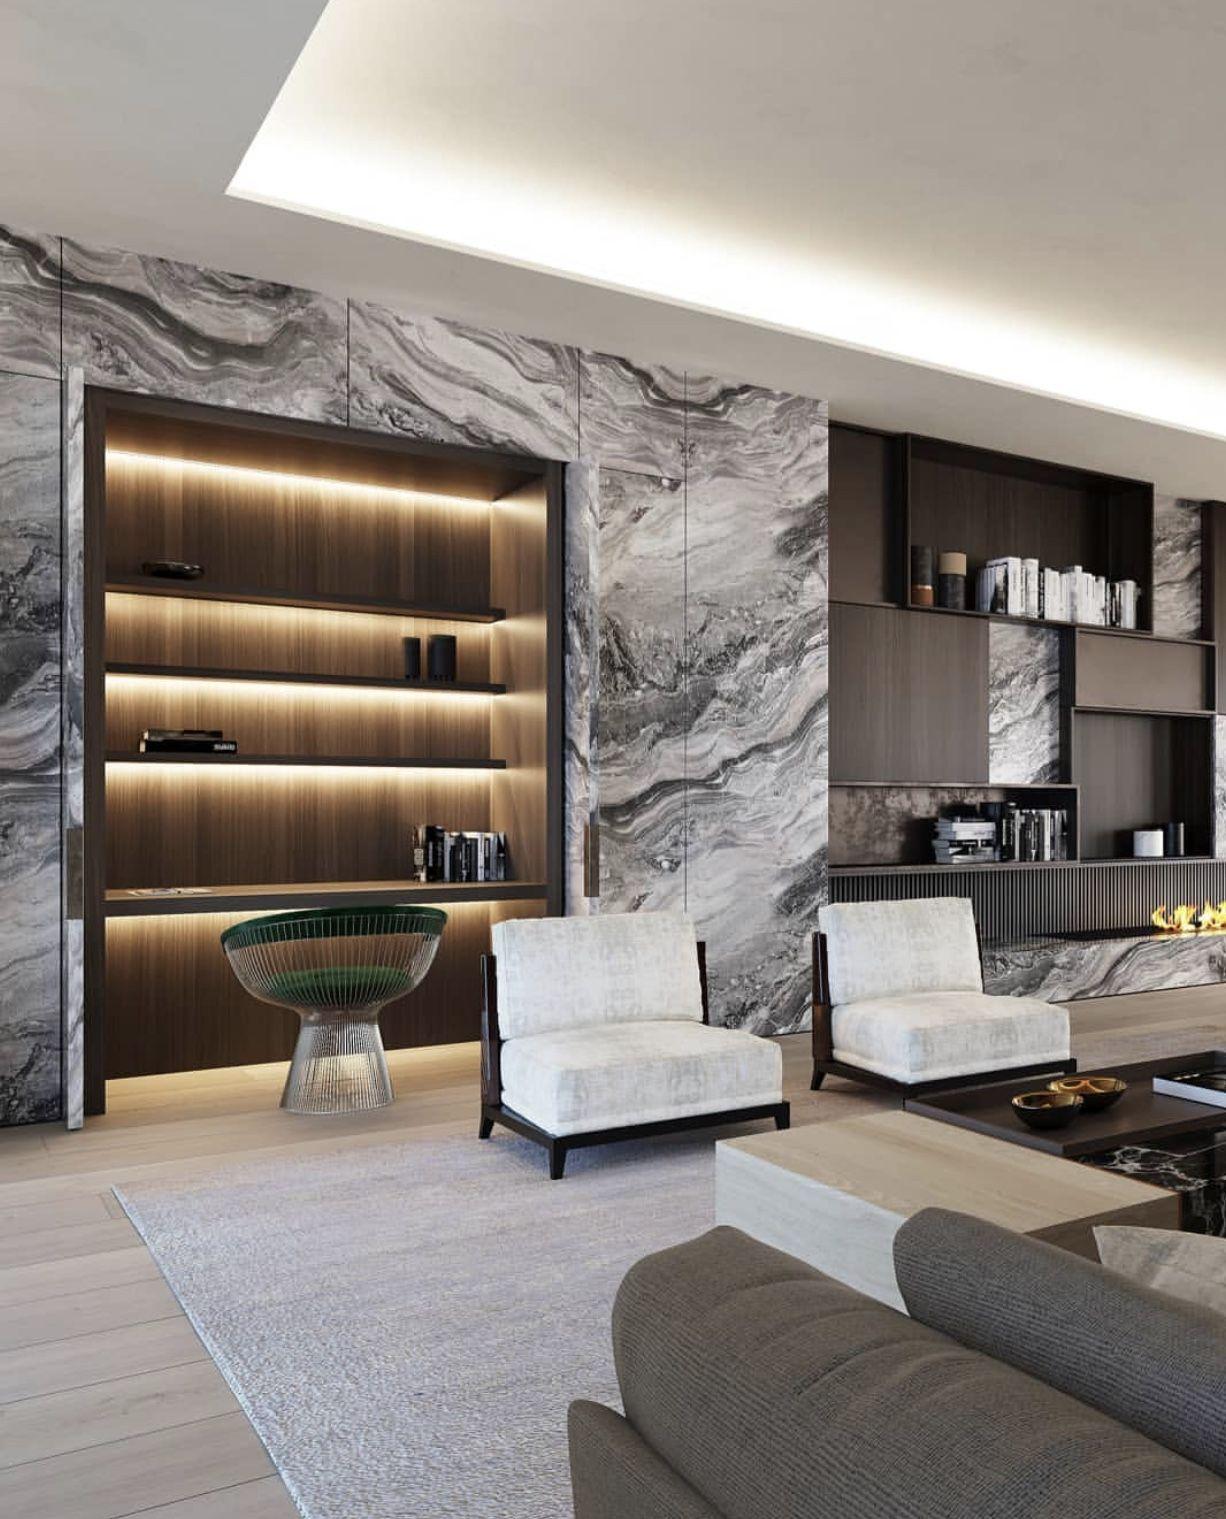 Pin By Sergi Casamitjana On Contemporary Interiors Interior Design Living Room Living Room Interior Room Interior